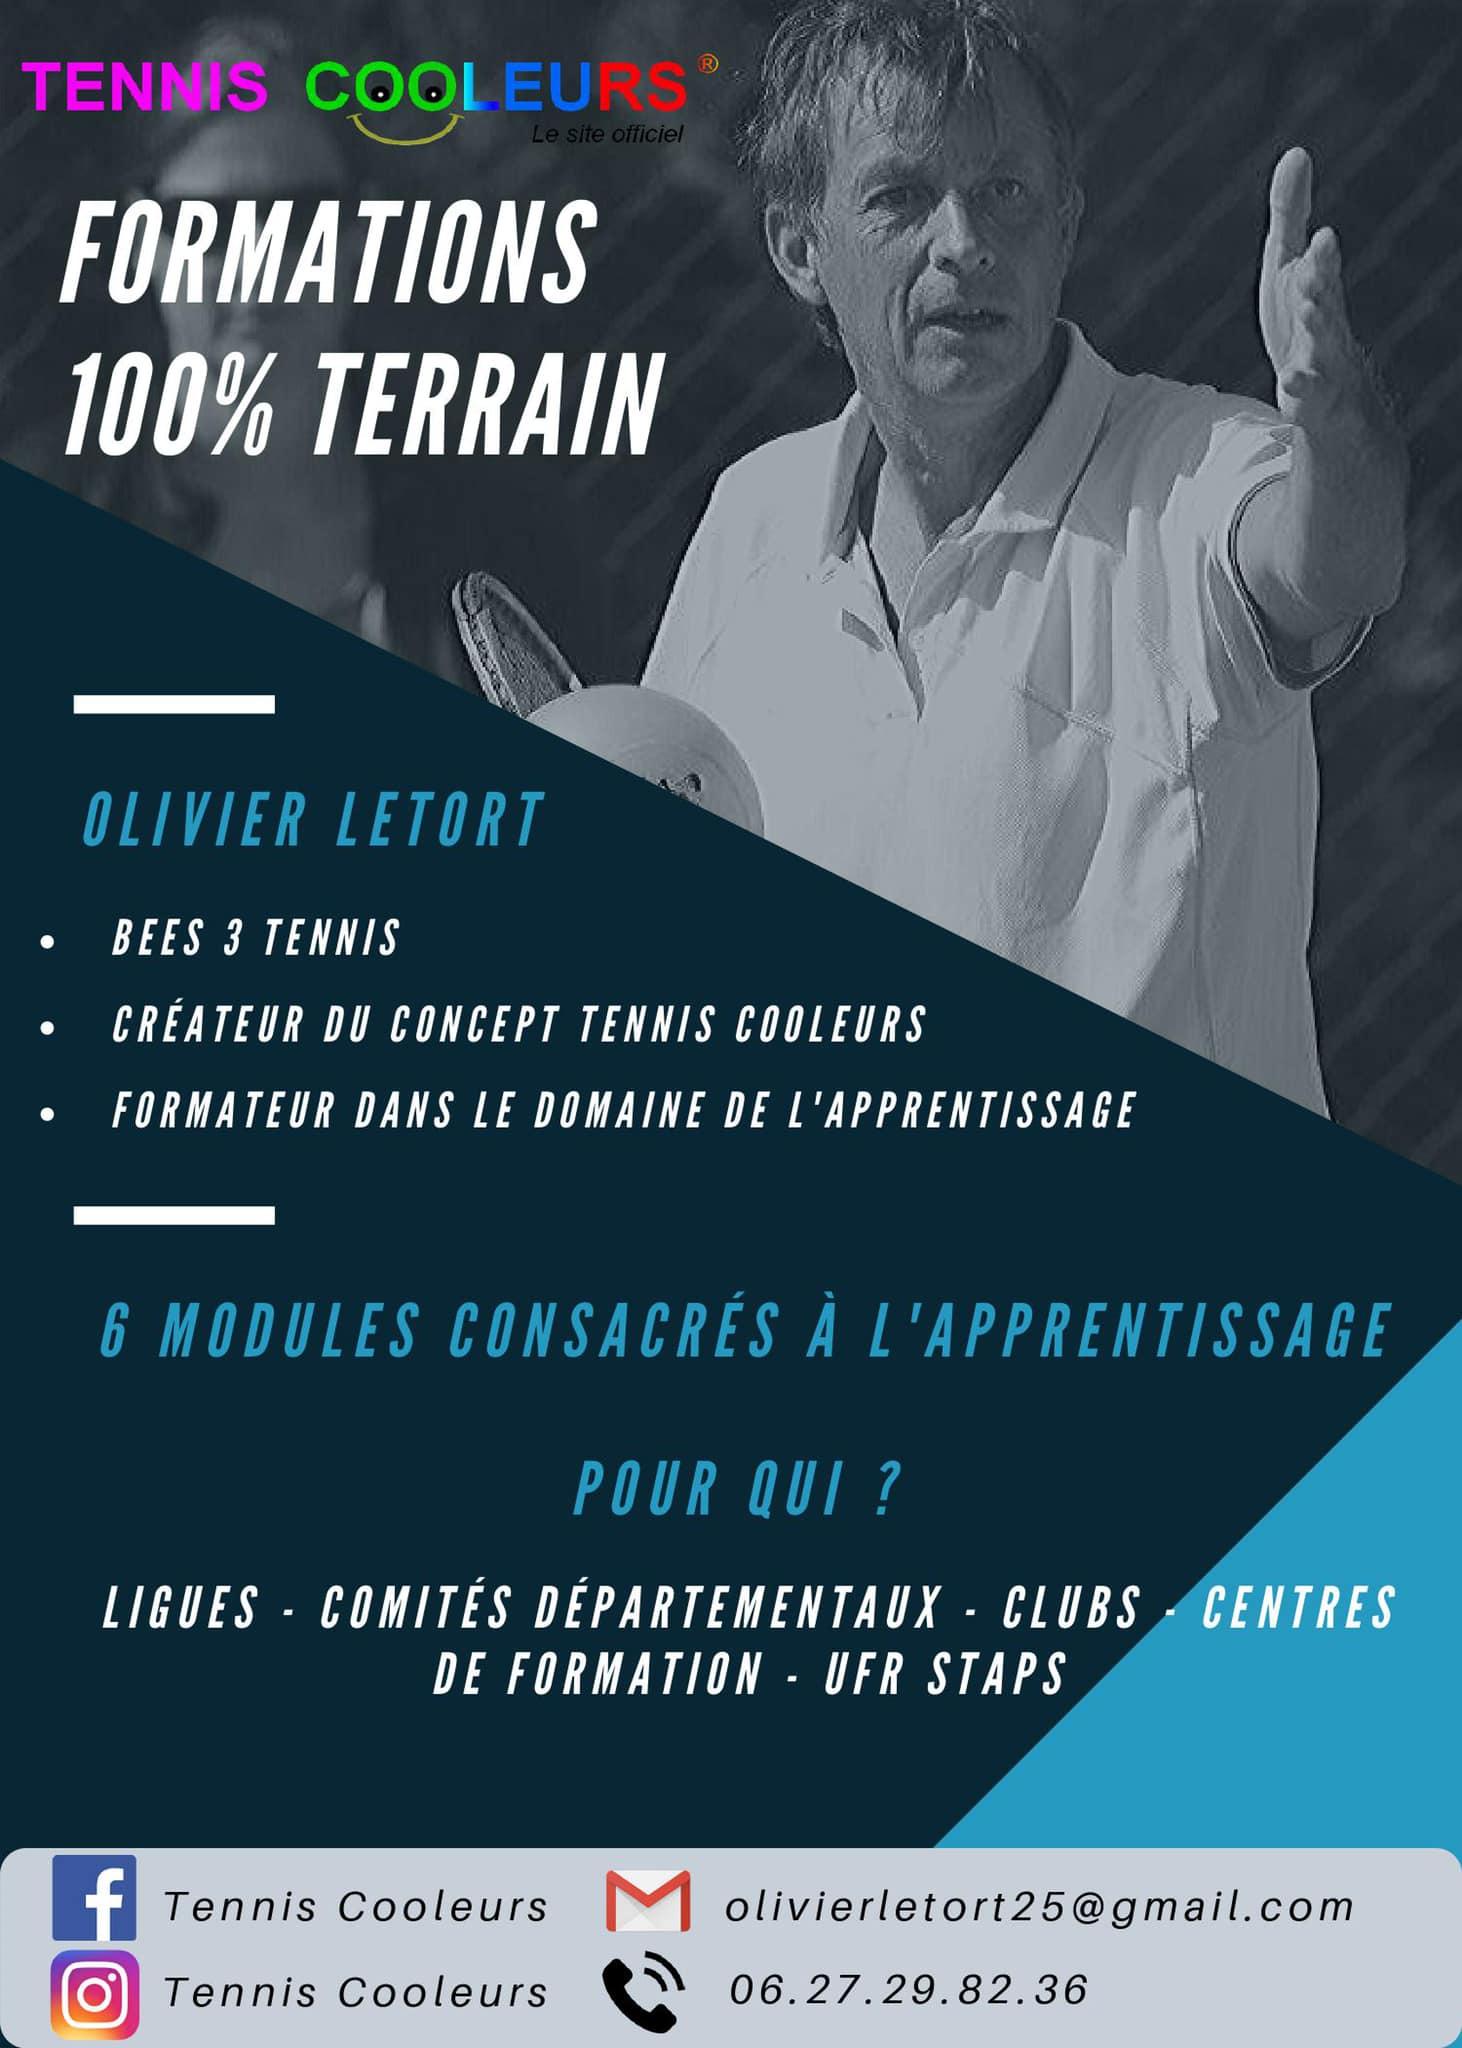 Olivier Letort